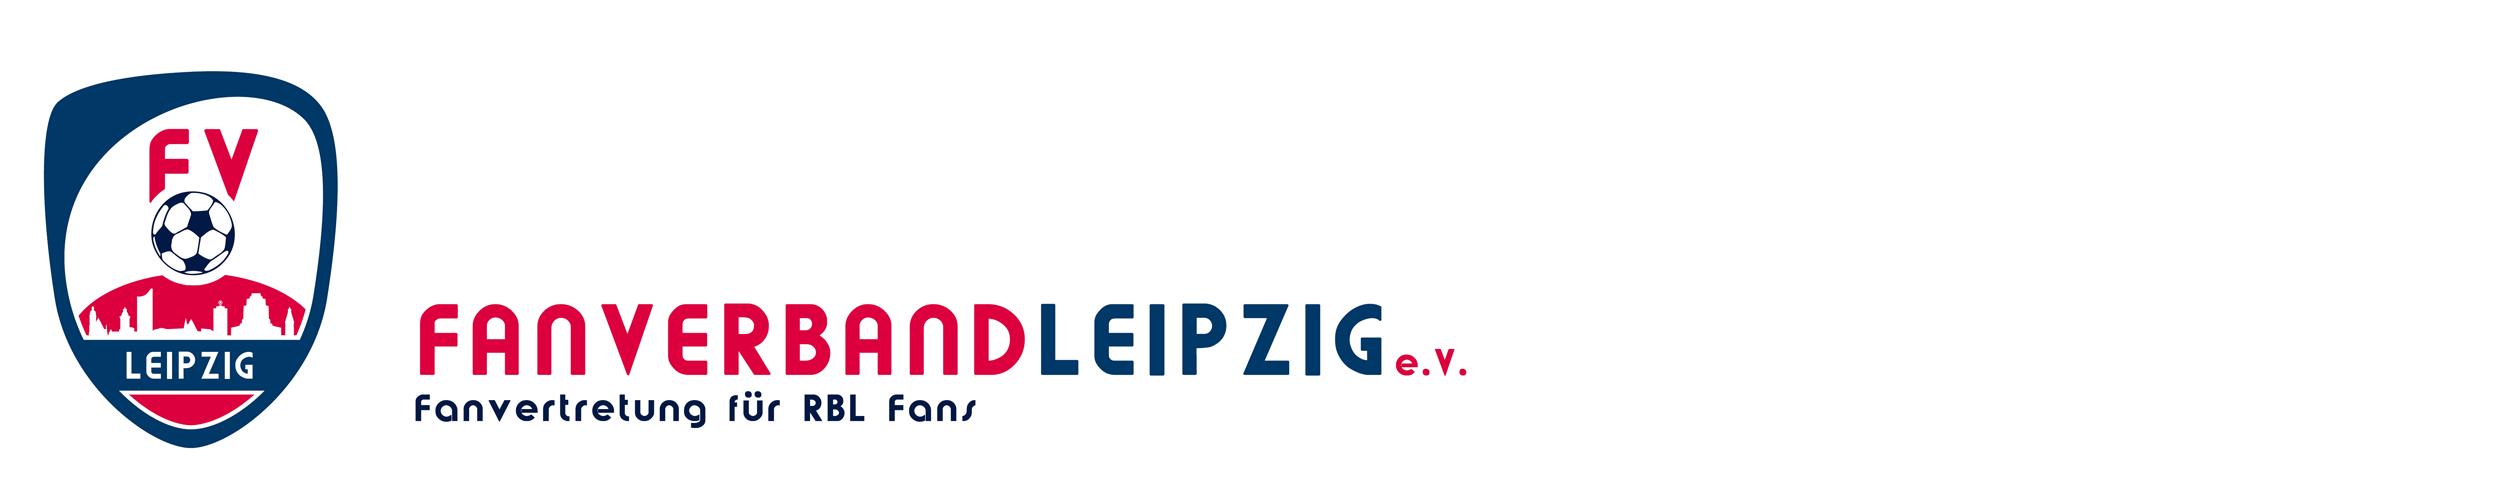 Fanverband Leipzig e. V.